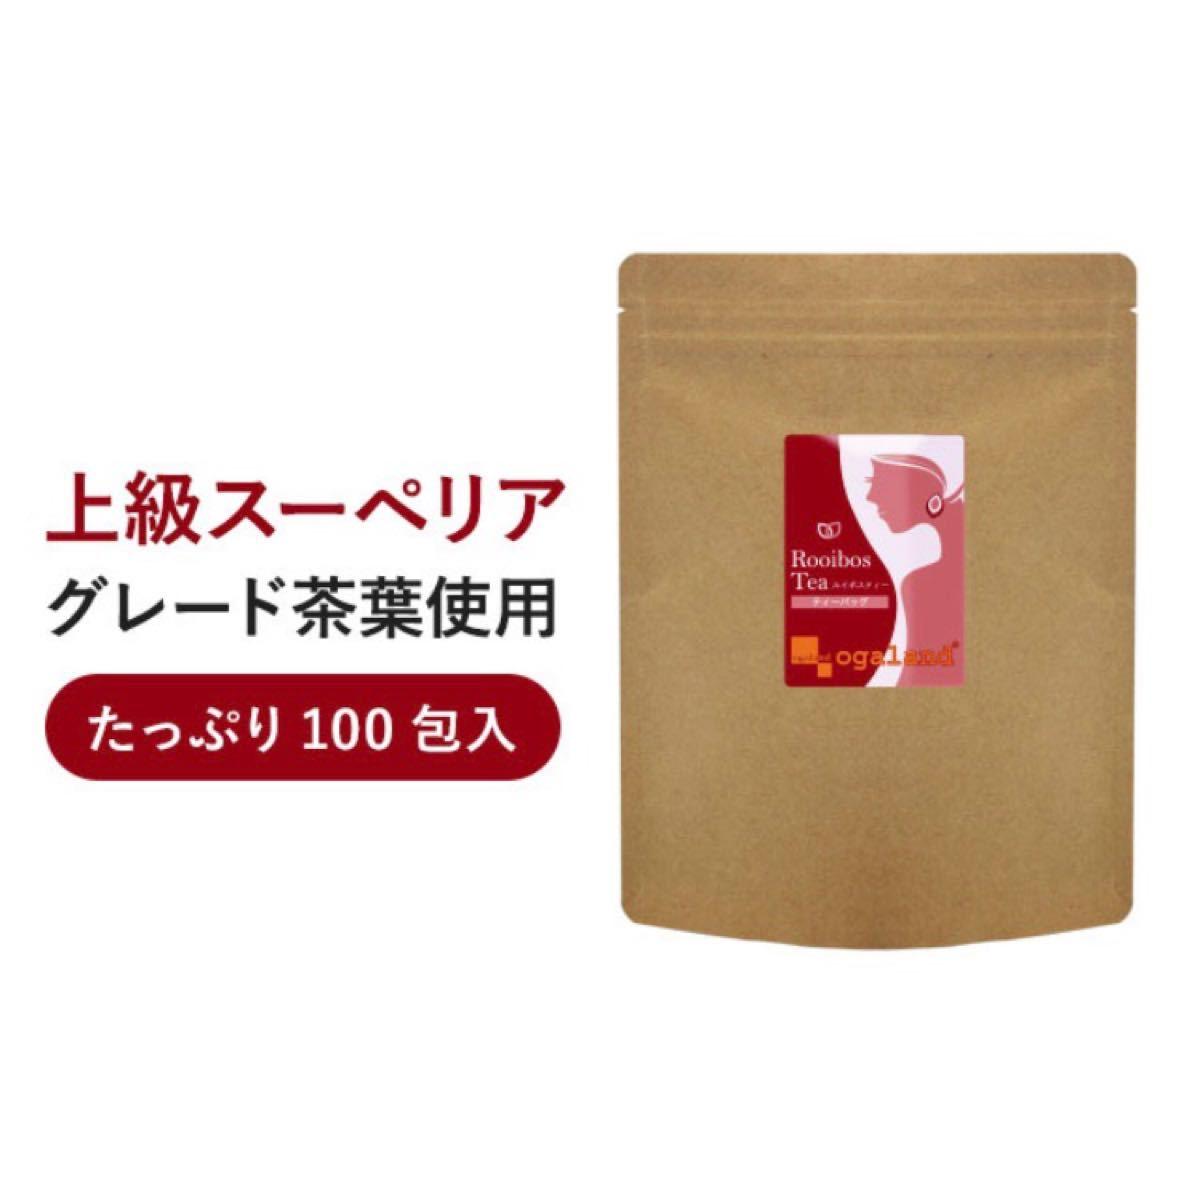 ルイボスティー ティーバッグ(2g×100包)ノンカフェイン